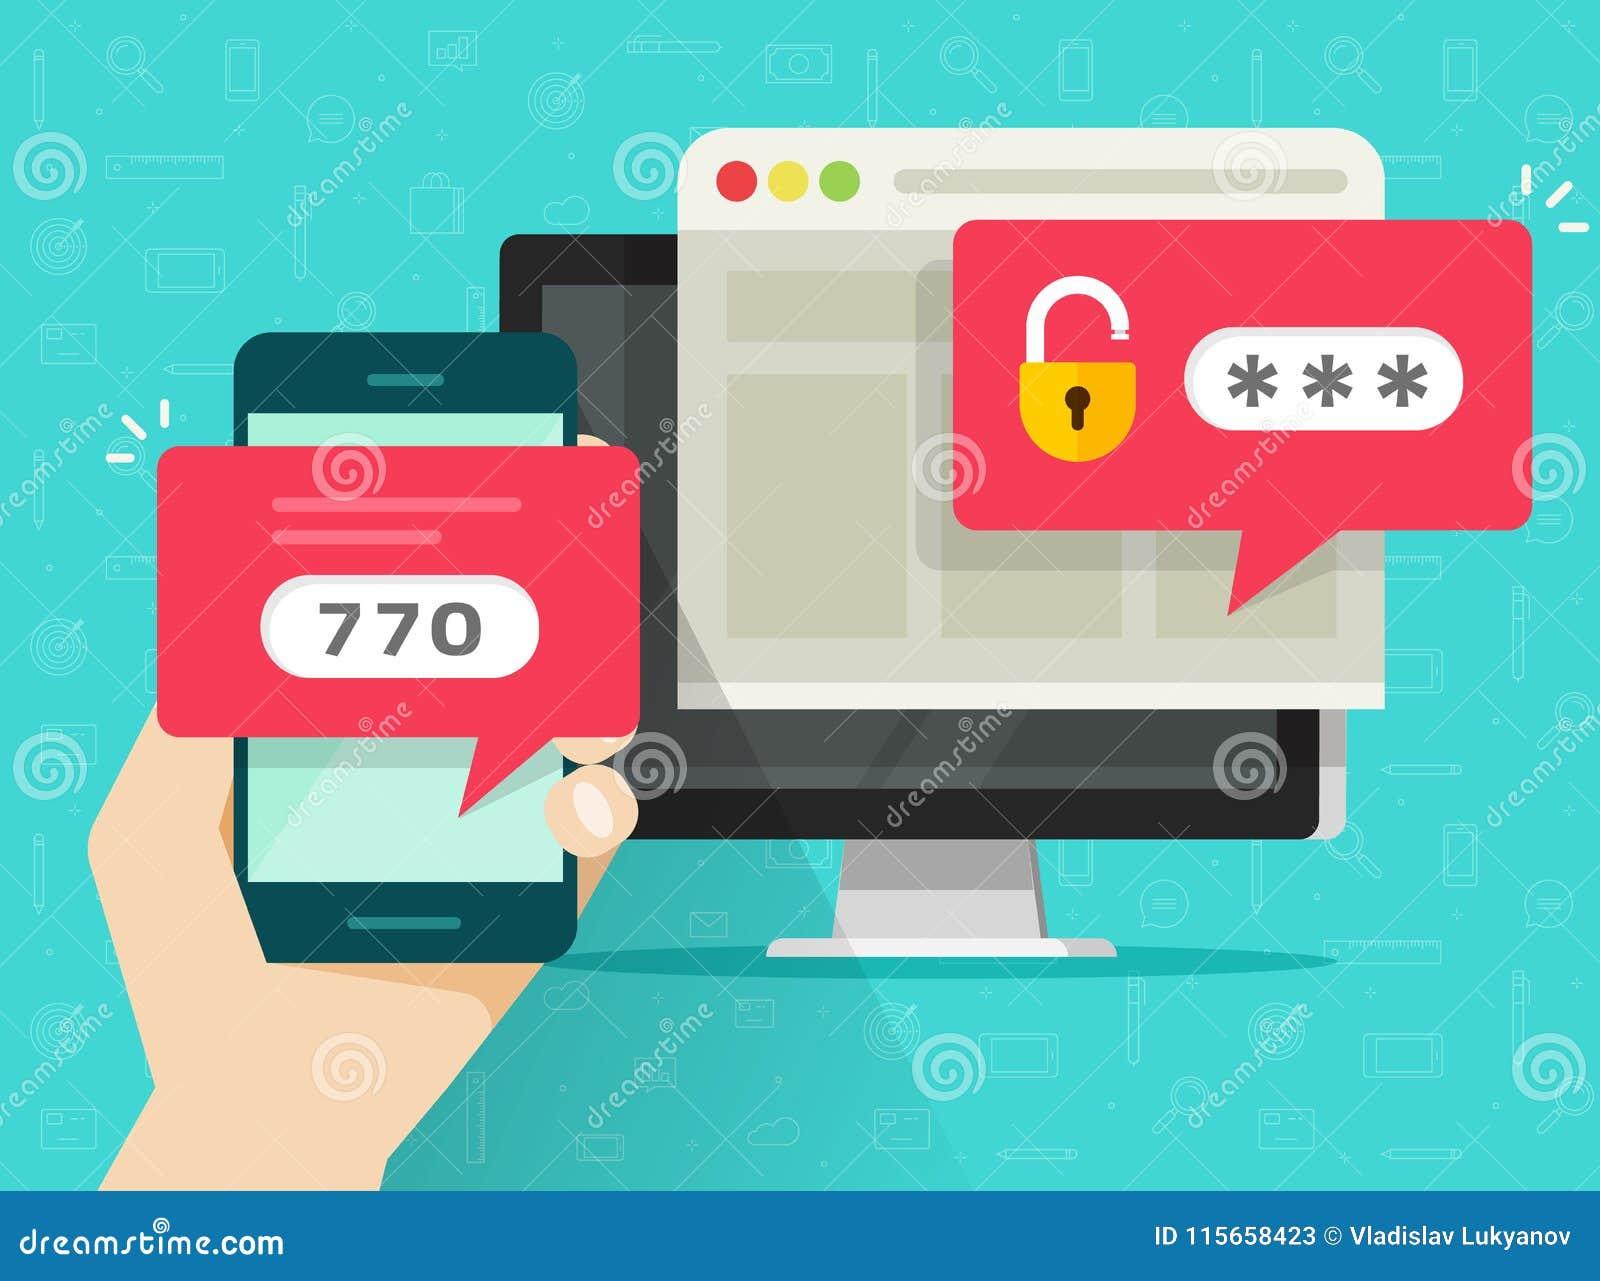 Ilustração do vetor da autenticação do pas-de-deux, início de uma sessão liso da segurança do smartphone dos desenhos animados e